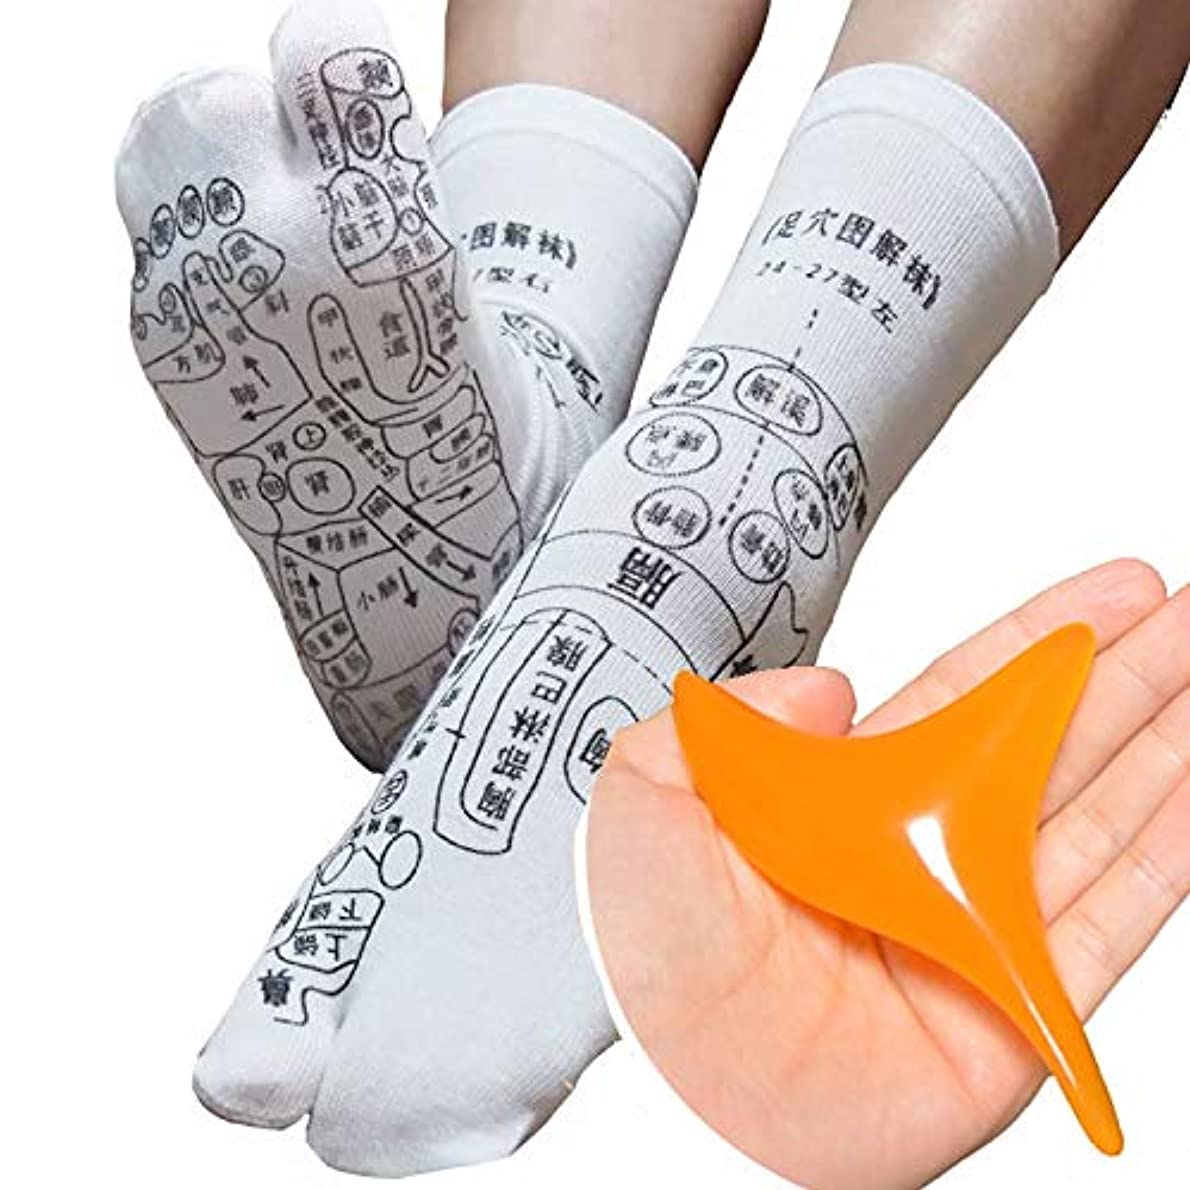 プレーヤー写真を撮るスクリュー足全体のツボが「見える」プリントソックス オカリナ型カッサ付き 足裏つぼおしソックス 足ツボ靴下 反射区 サイズ22~26センチ 靴下の字は中国語